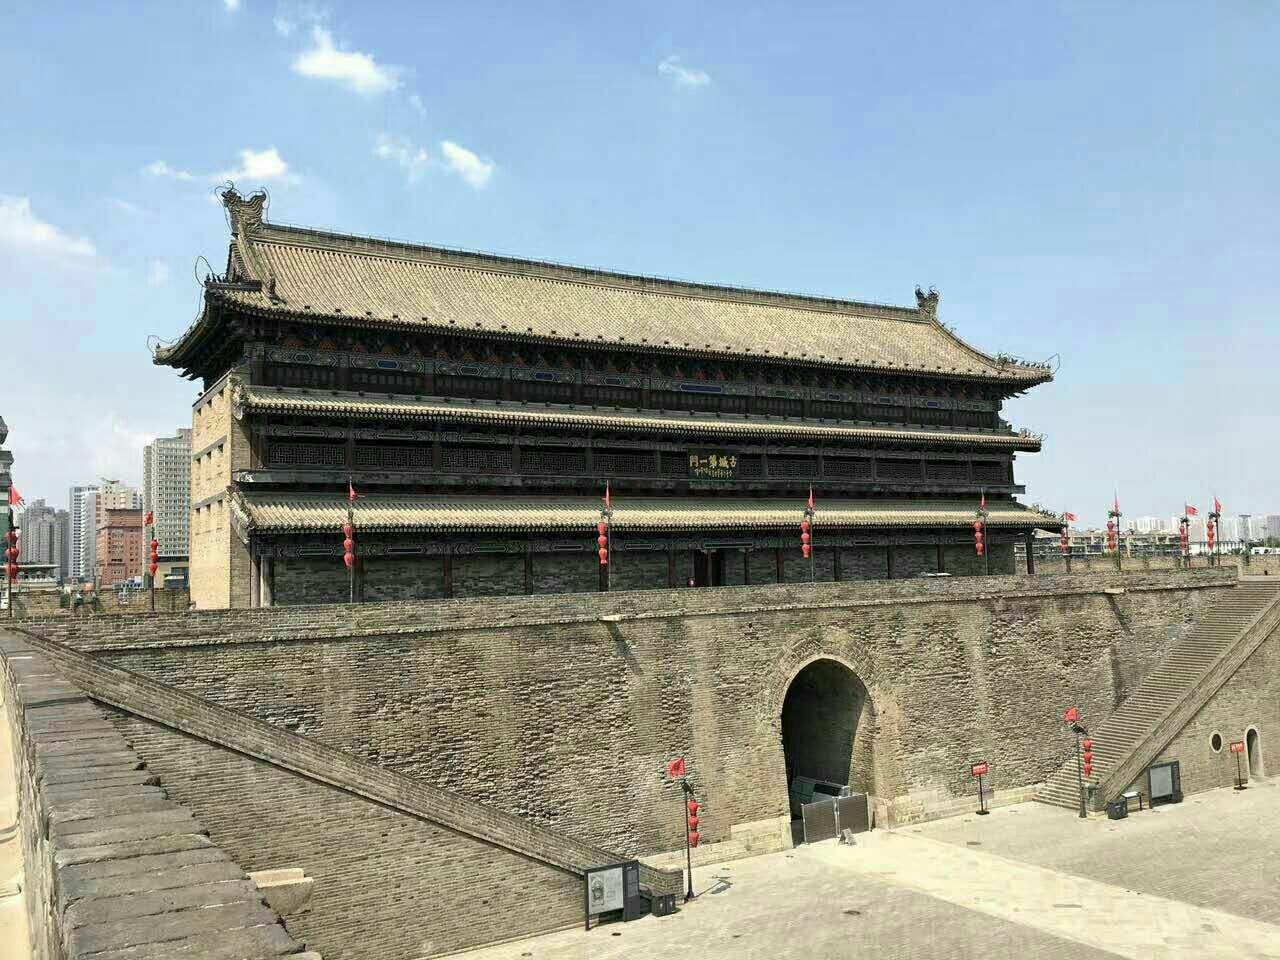 西安城墙旅游景点攻略图舞攻略手游寒星图片